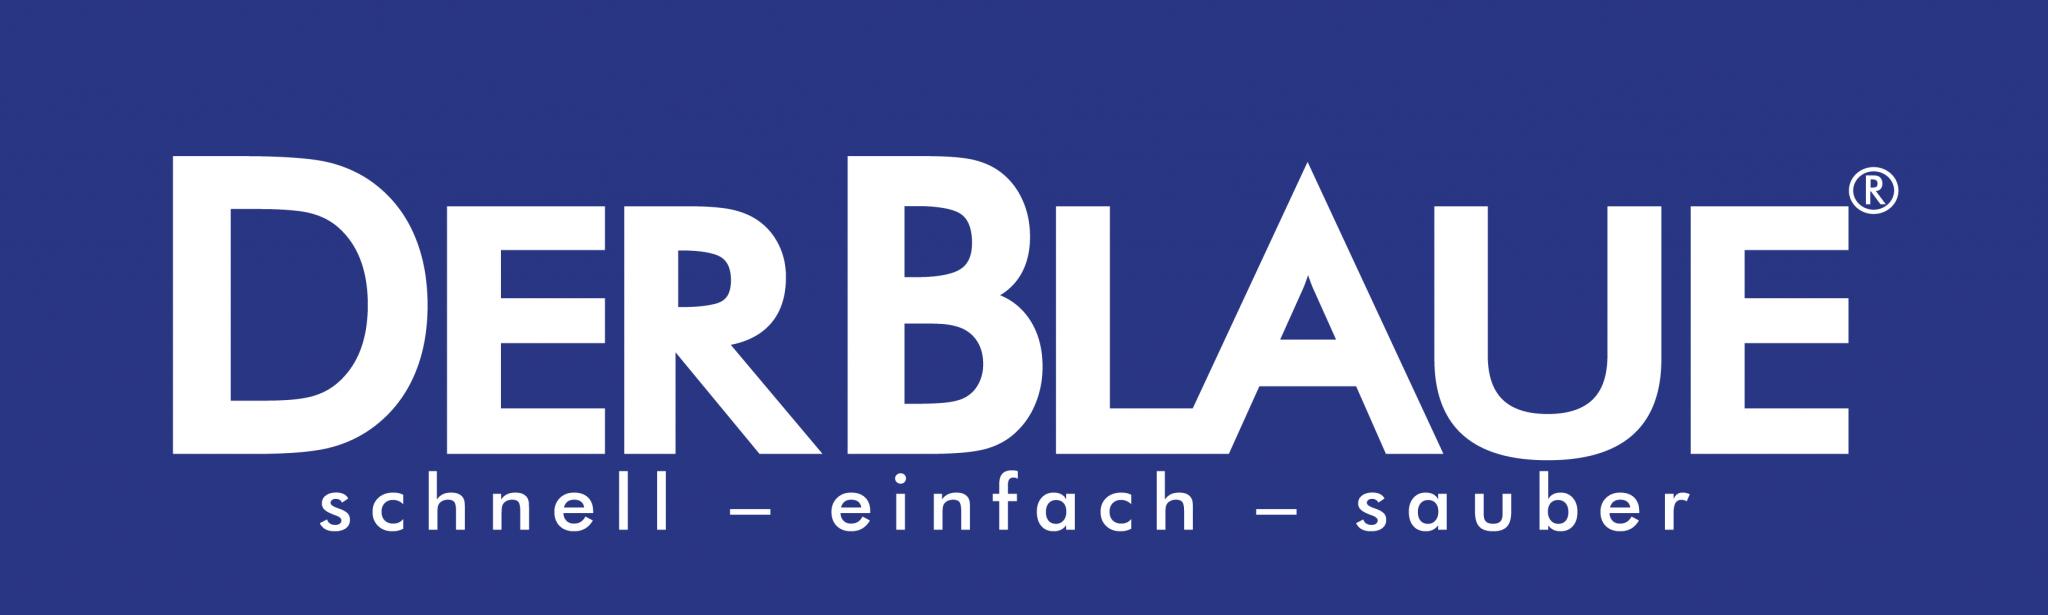 DerBlaue_Logo_Weiß_trans1